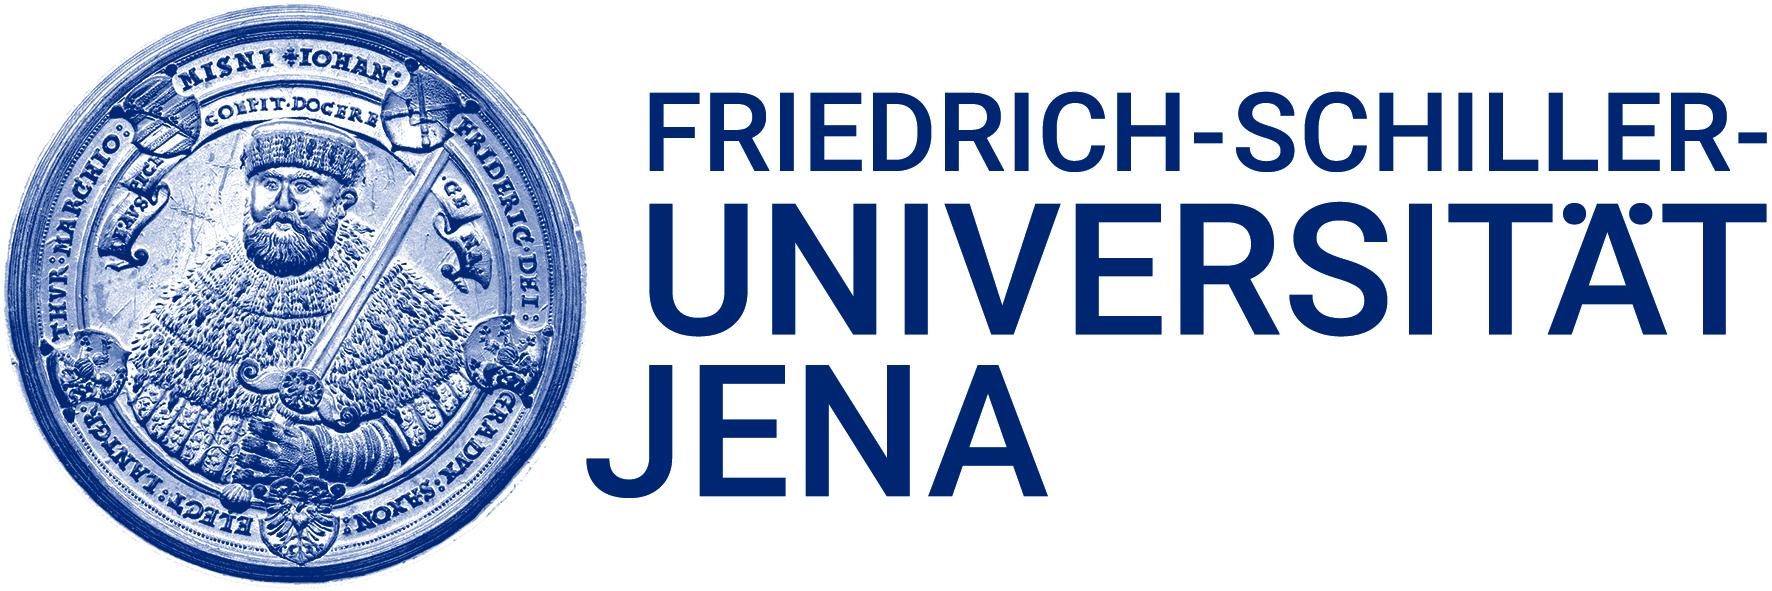 Universitat Jena